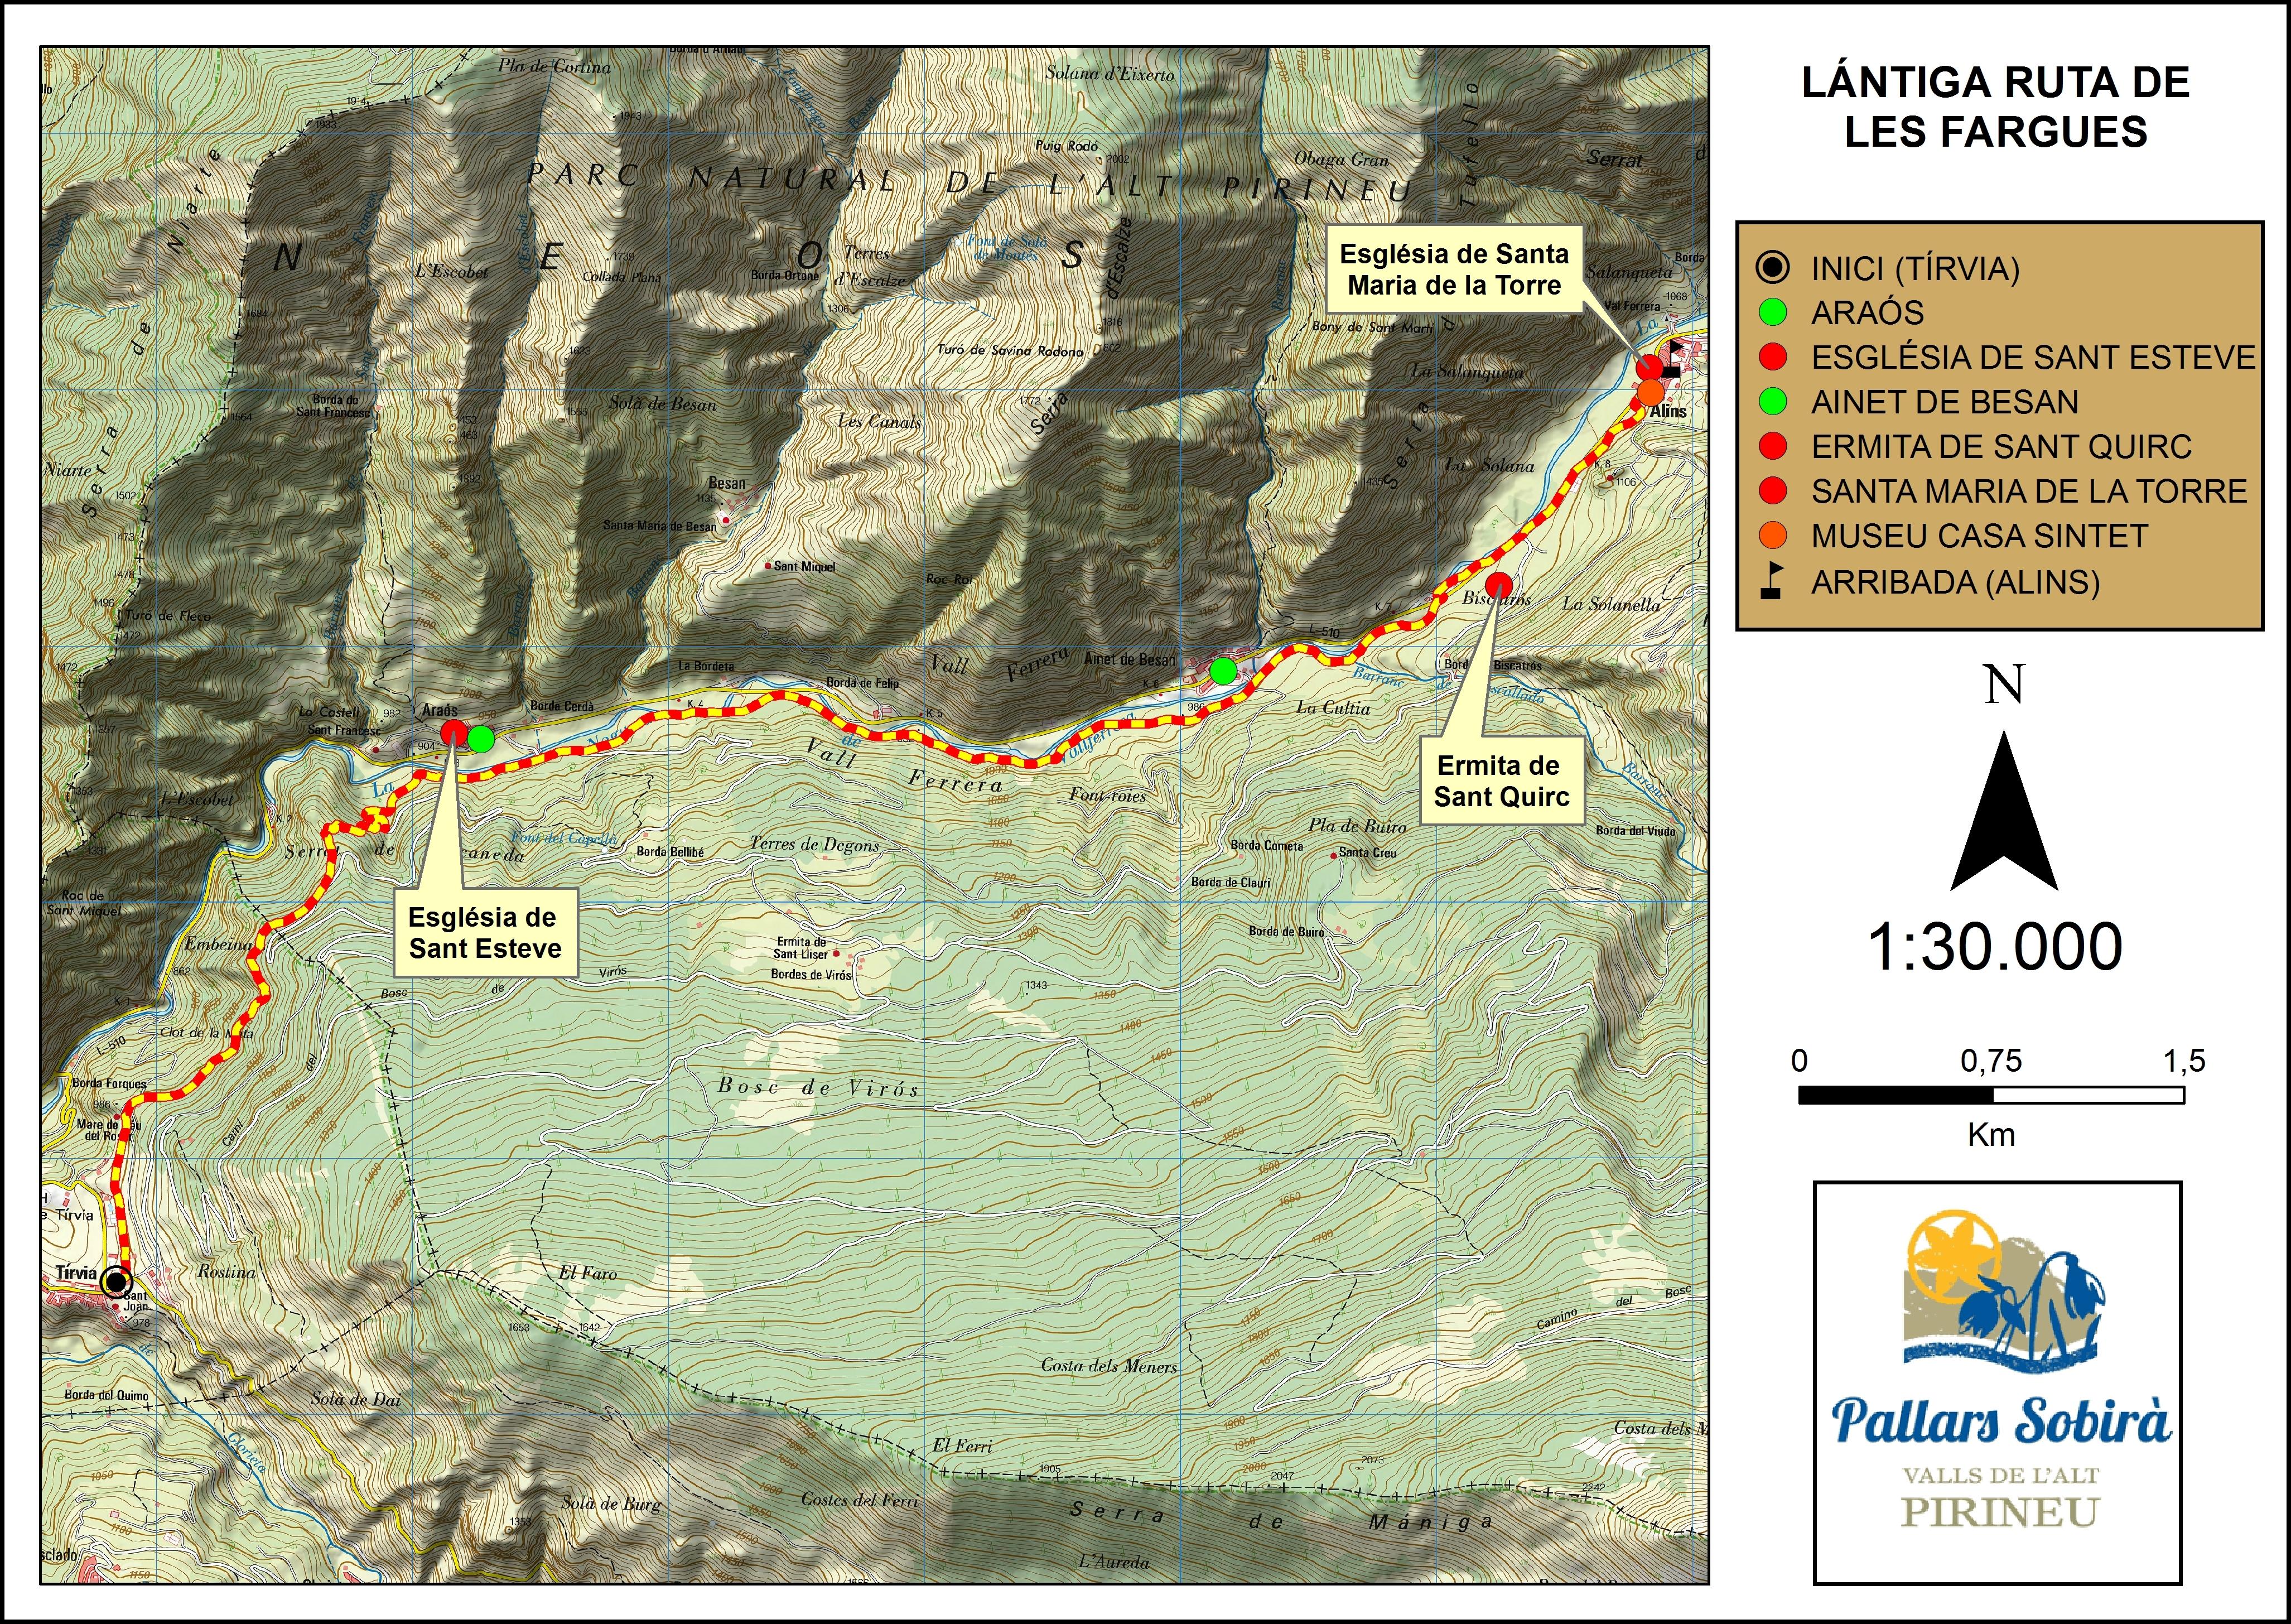 Camí Ral de Valferrera